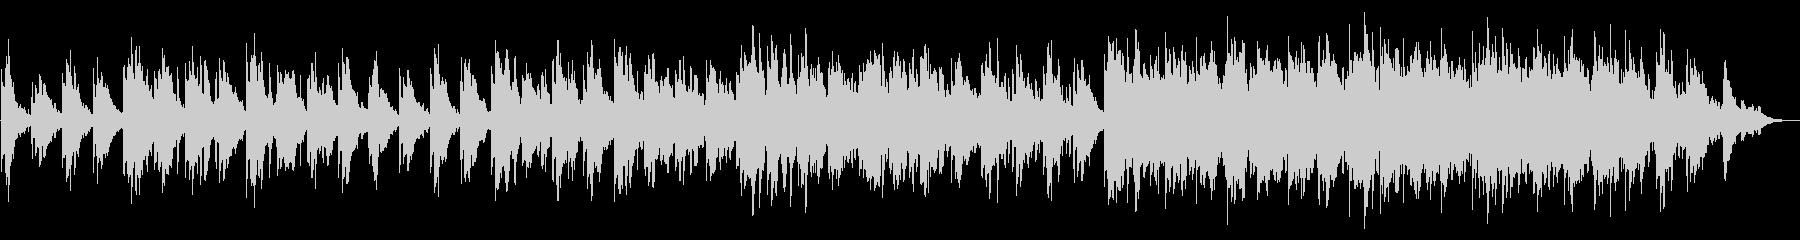 現代的 交響曲 室内楽 アンビエン...の未再生の波形